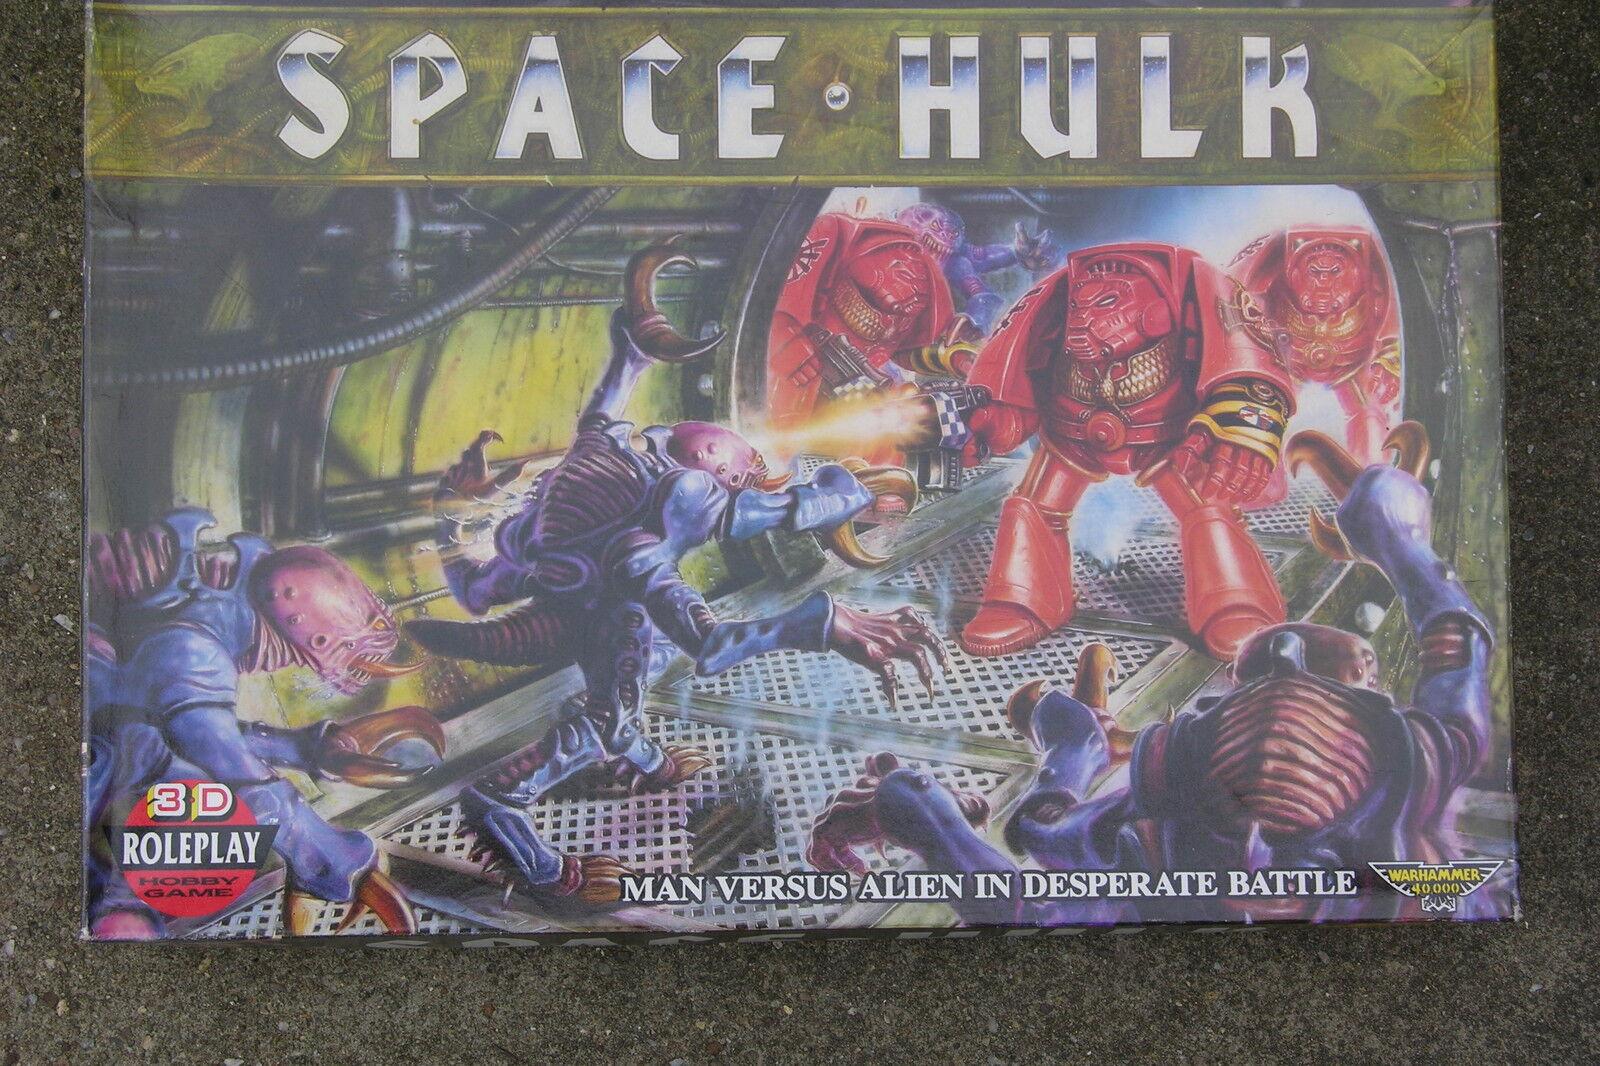 GAMES WORKSHOP   SPACEHULK,   1st  EDITION ,